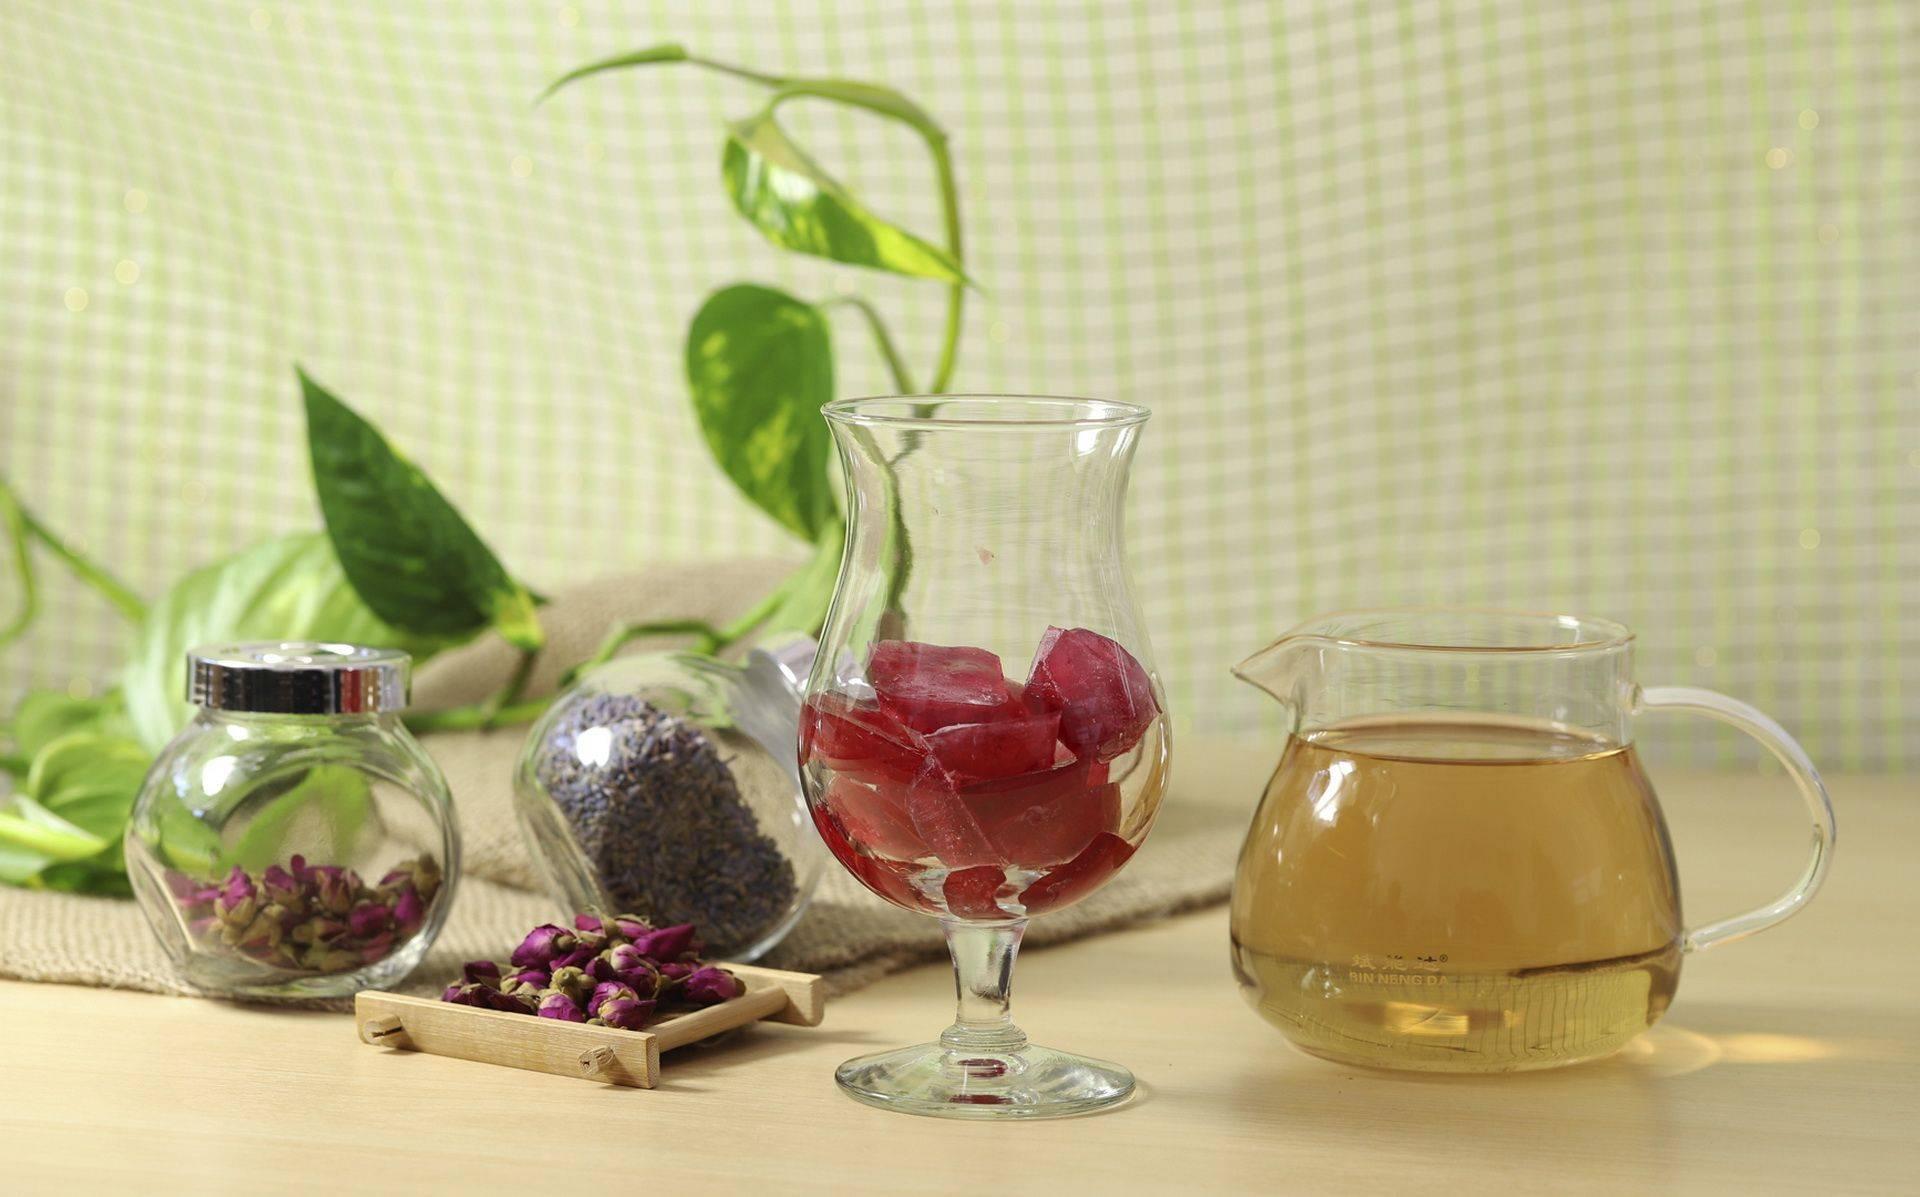 Чай каркаде повышает или понижает давление - горячий, холодный